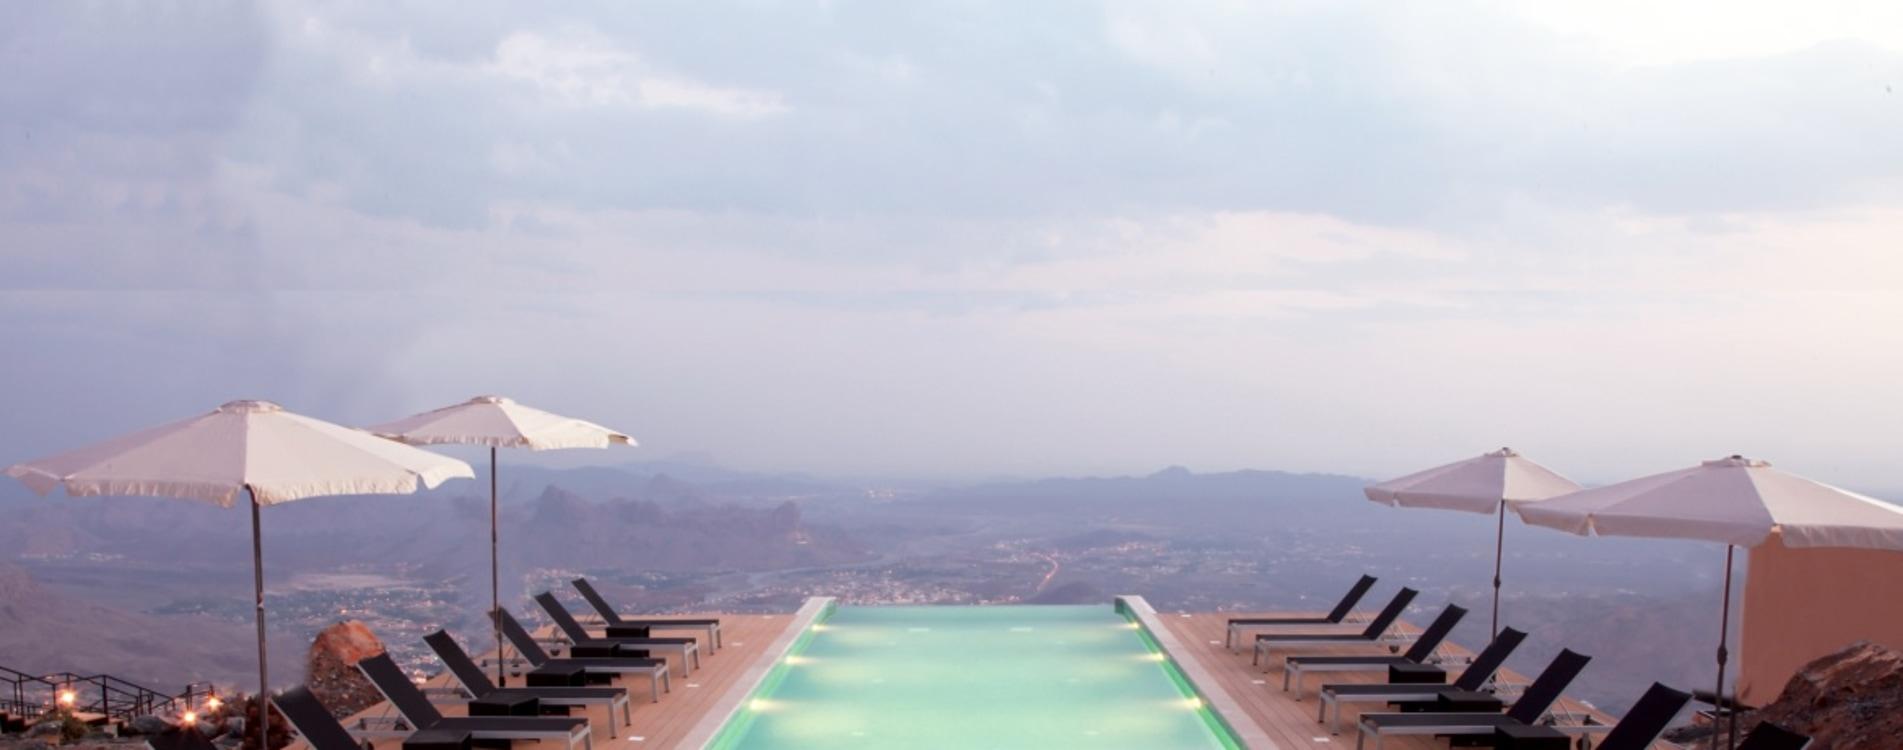 The-View-Oman-Infinity-Edge-Pool-Sonnenliegen.jpg